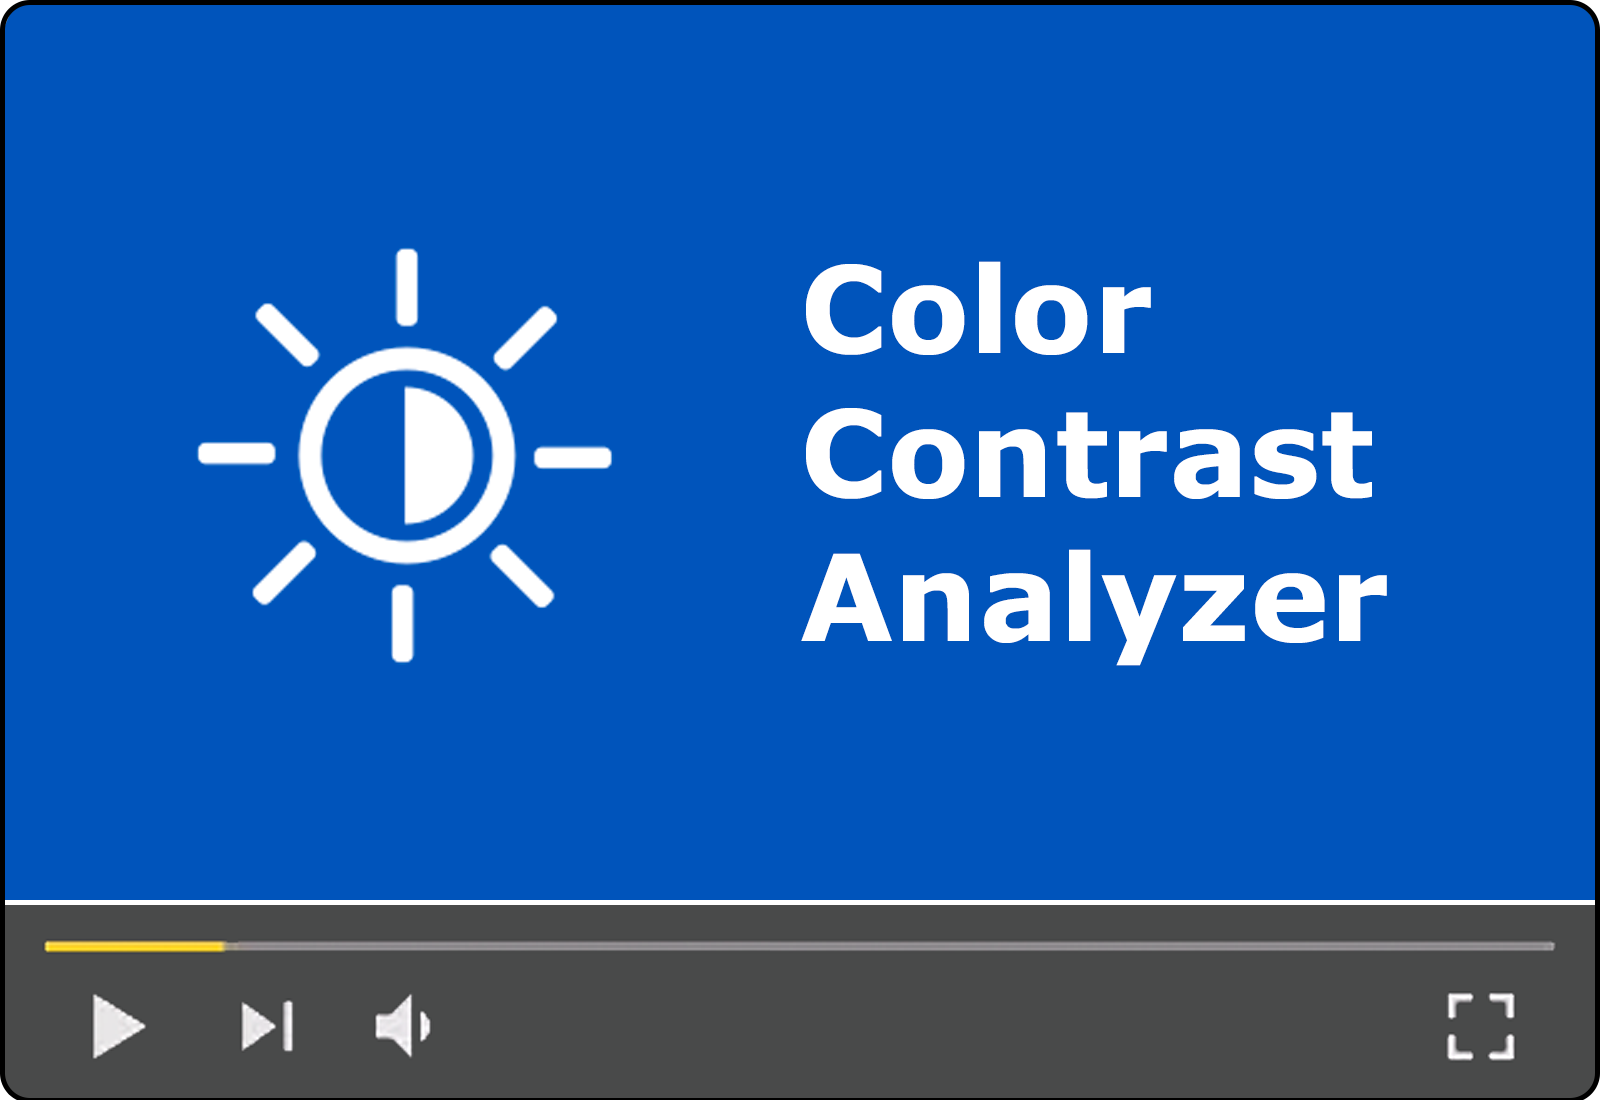 Module 14: Color Contrast Analyzer